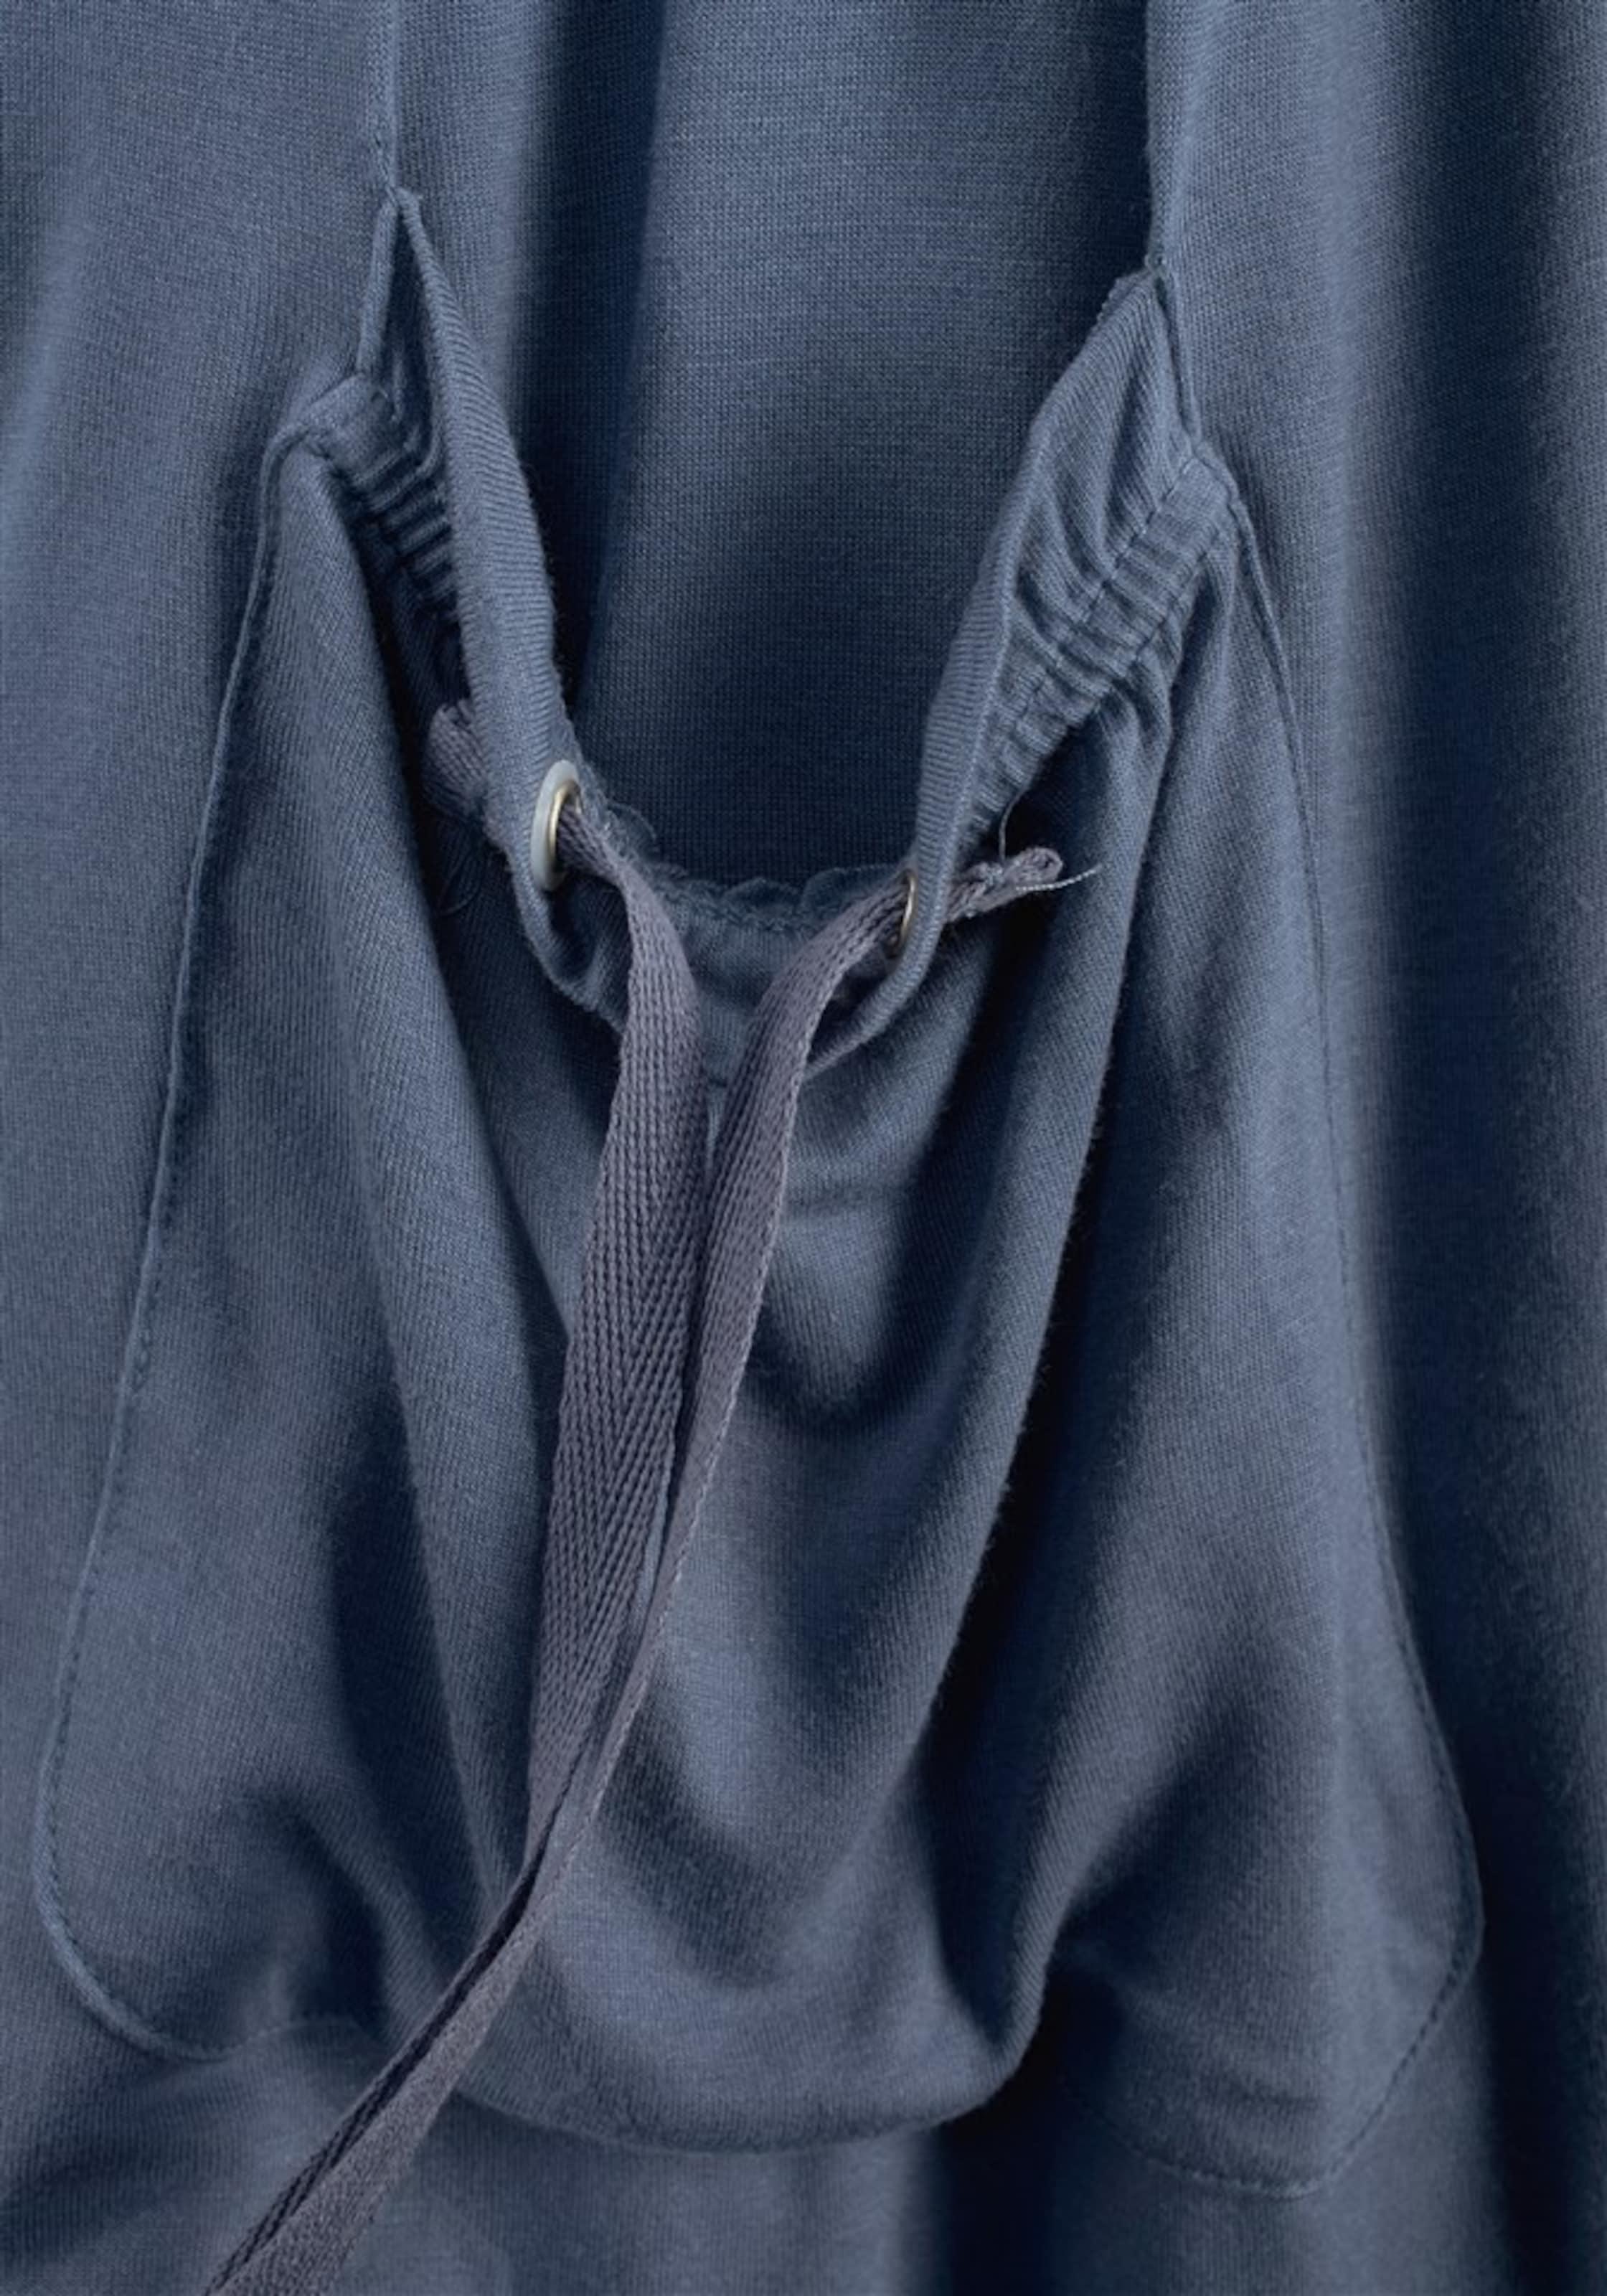 Kauf Günstig Kaufen Finish BEACH TIME Strandkleid Kostenloser Versand Shop Günstiger Preis Versandkosten Für Verkaufen Kaufen IwCCipEy